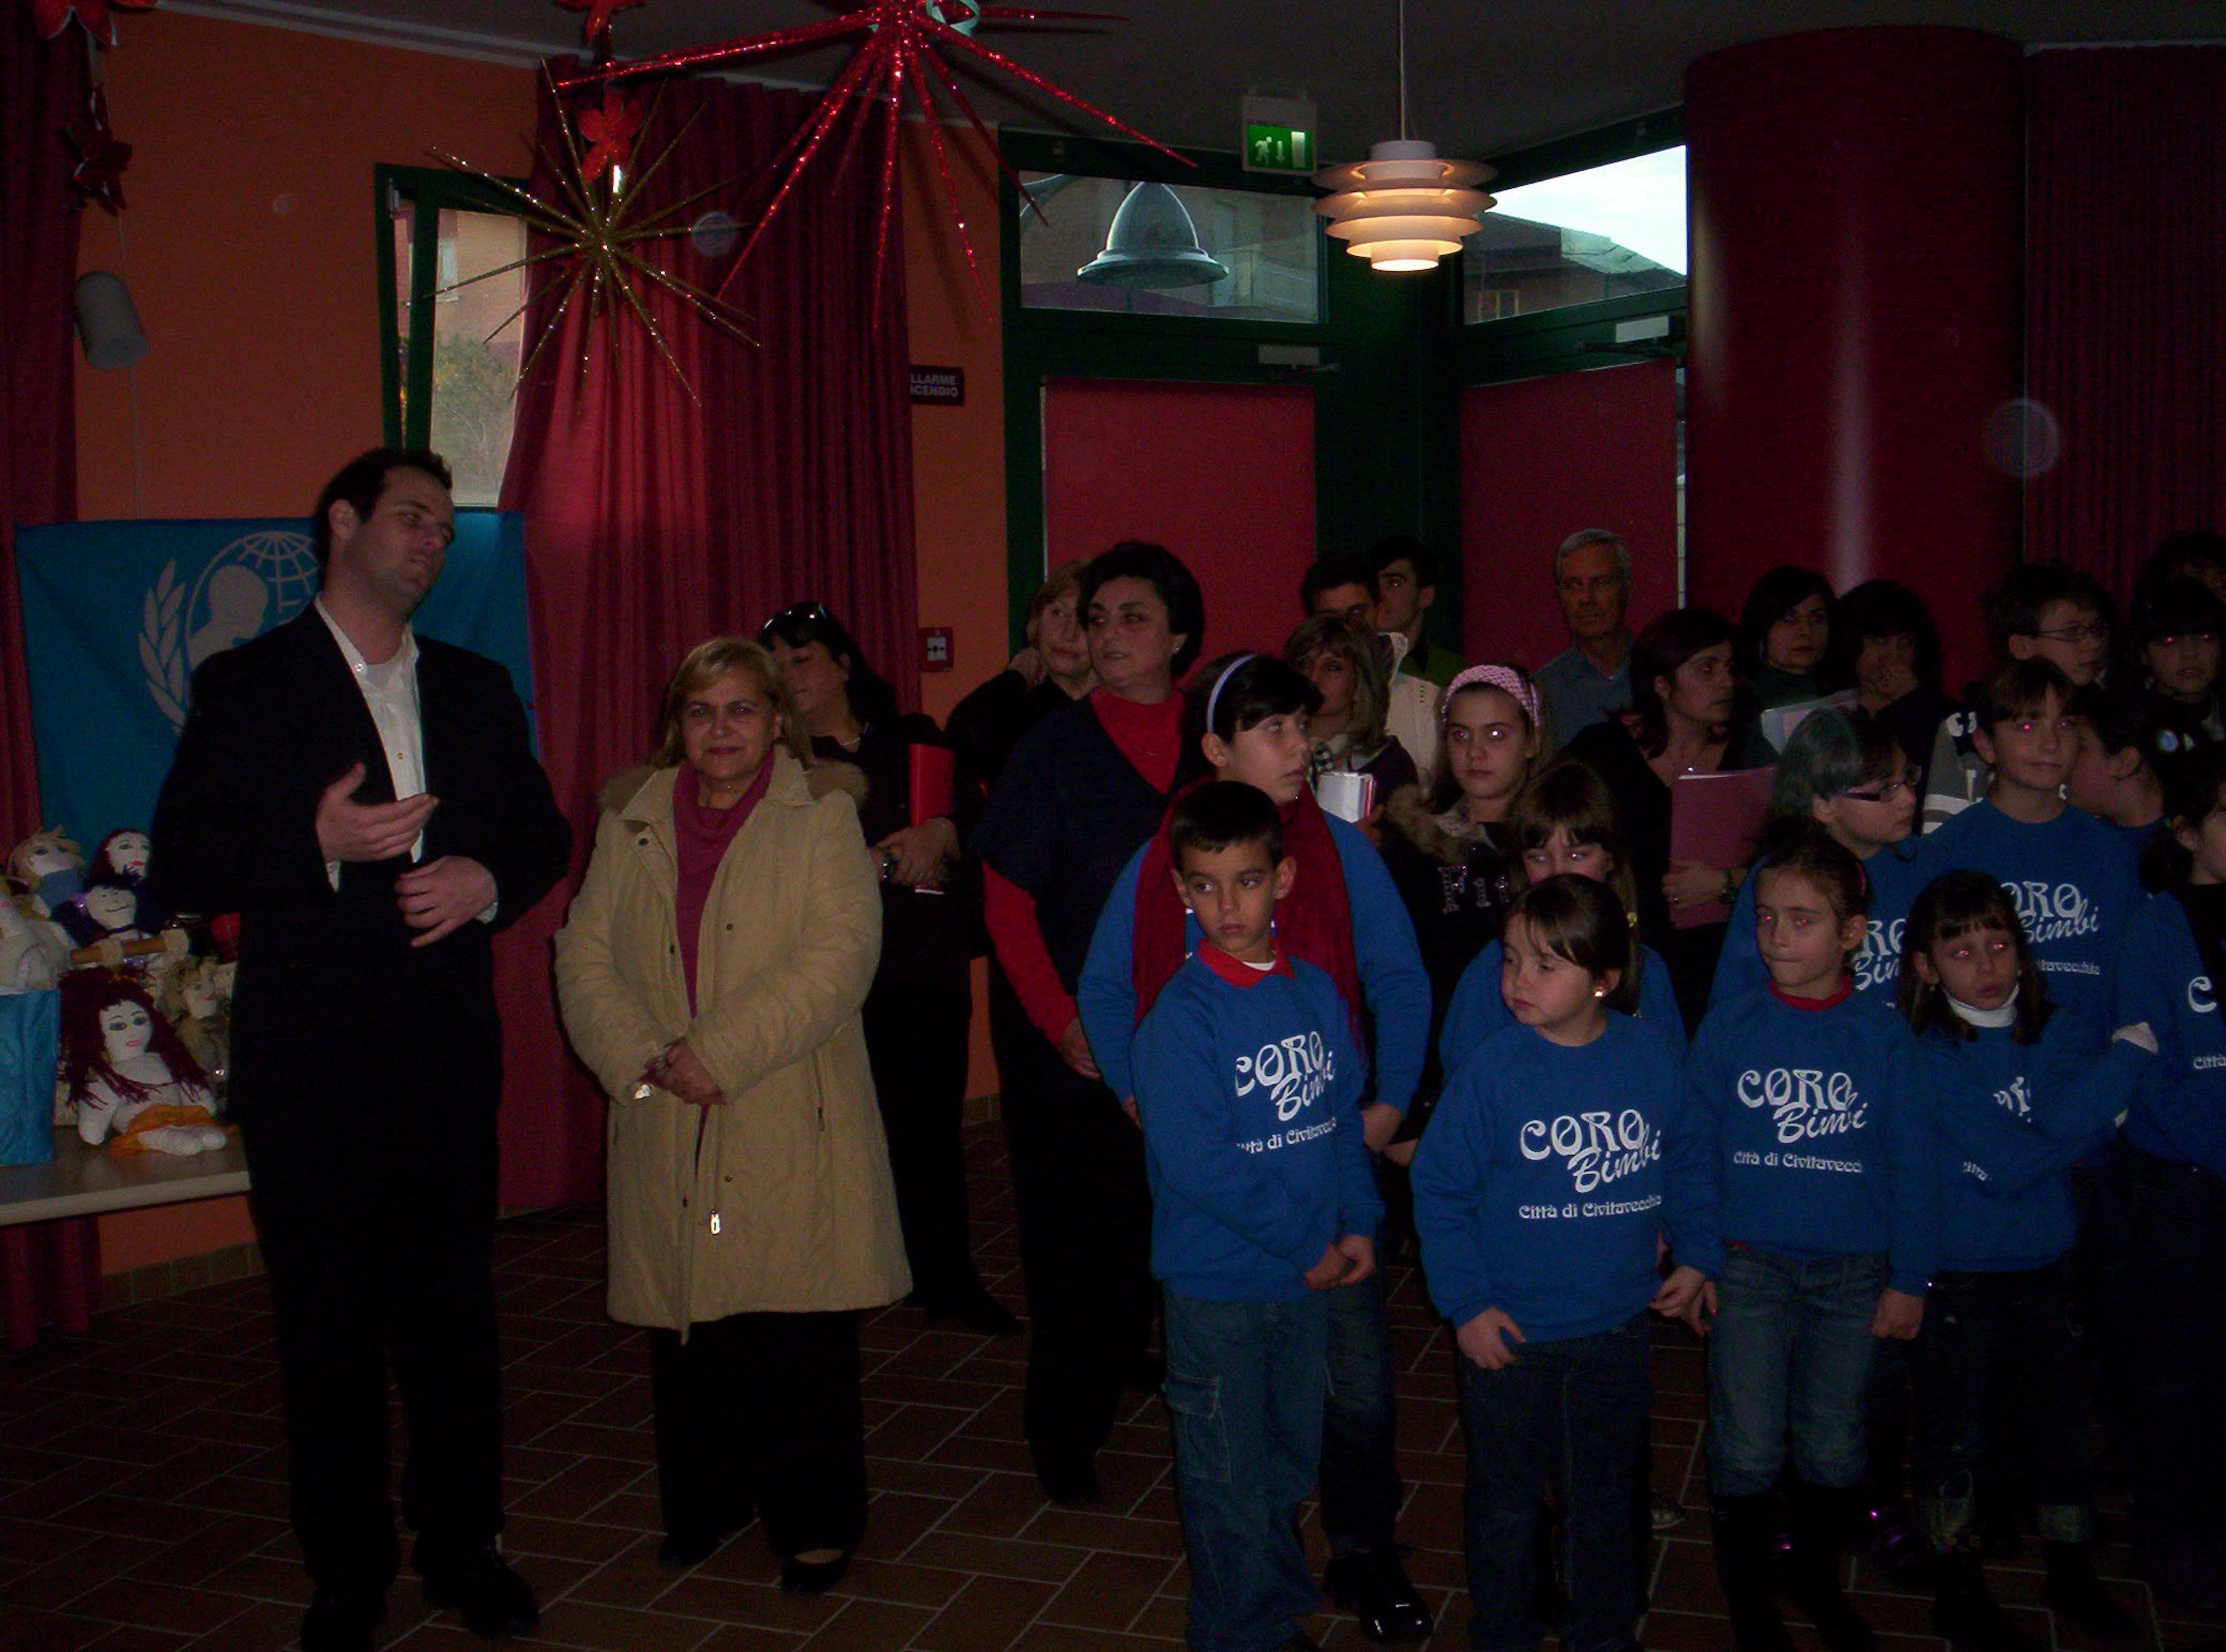 Battilocchio al centro Quinta stella con il coro e i volontari UNICEF